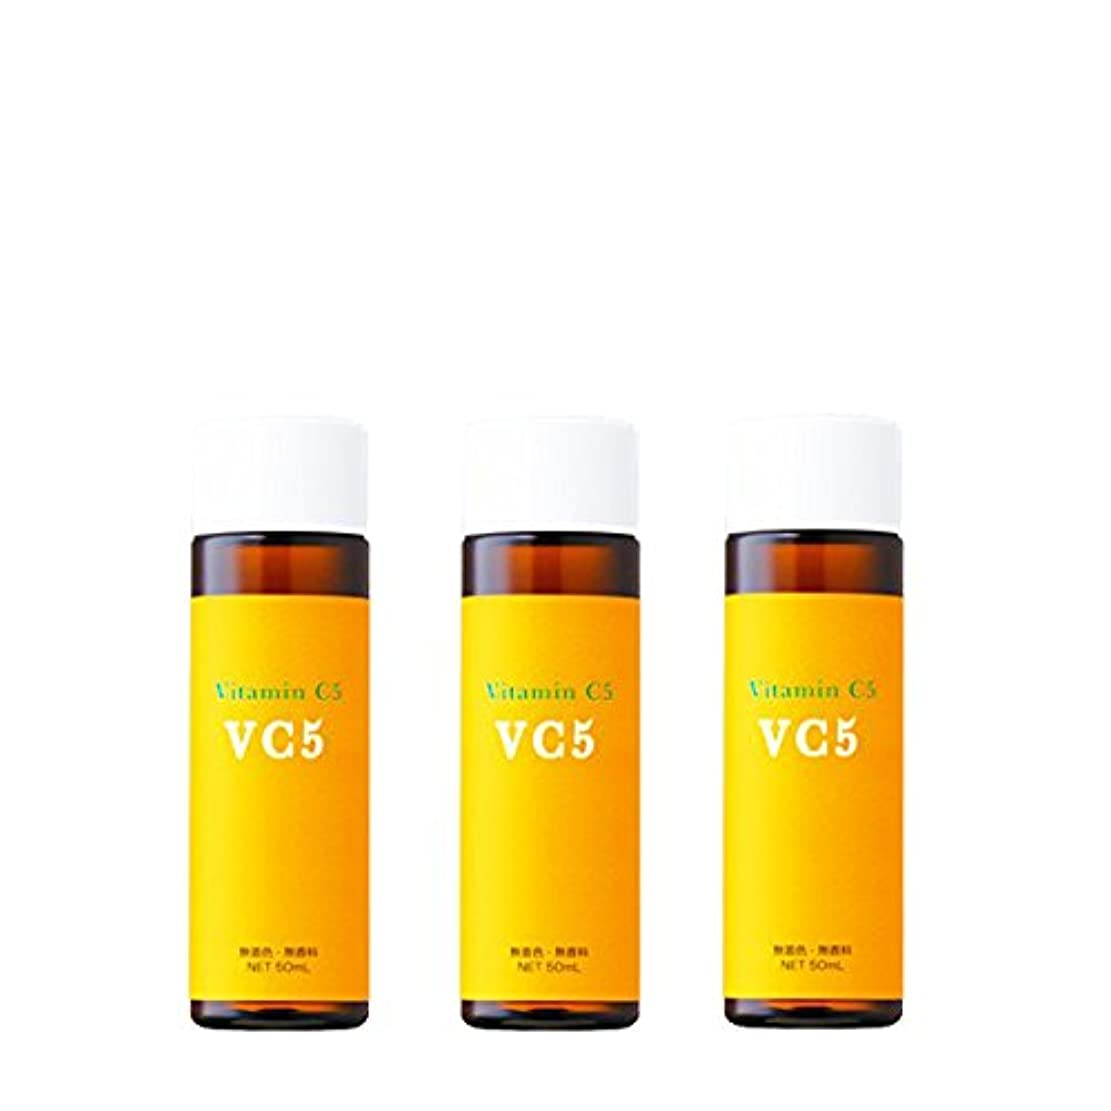 エビス化粧品(EBiS) Cエッセンス 50ml(ビタミンC 5%美容液) 【3本セット】